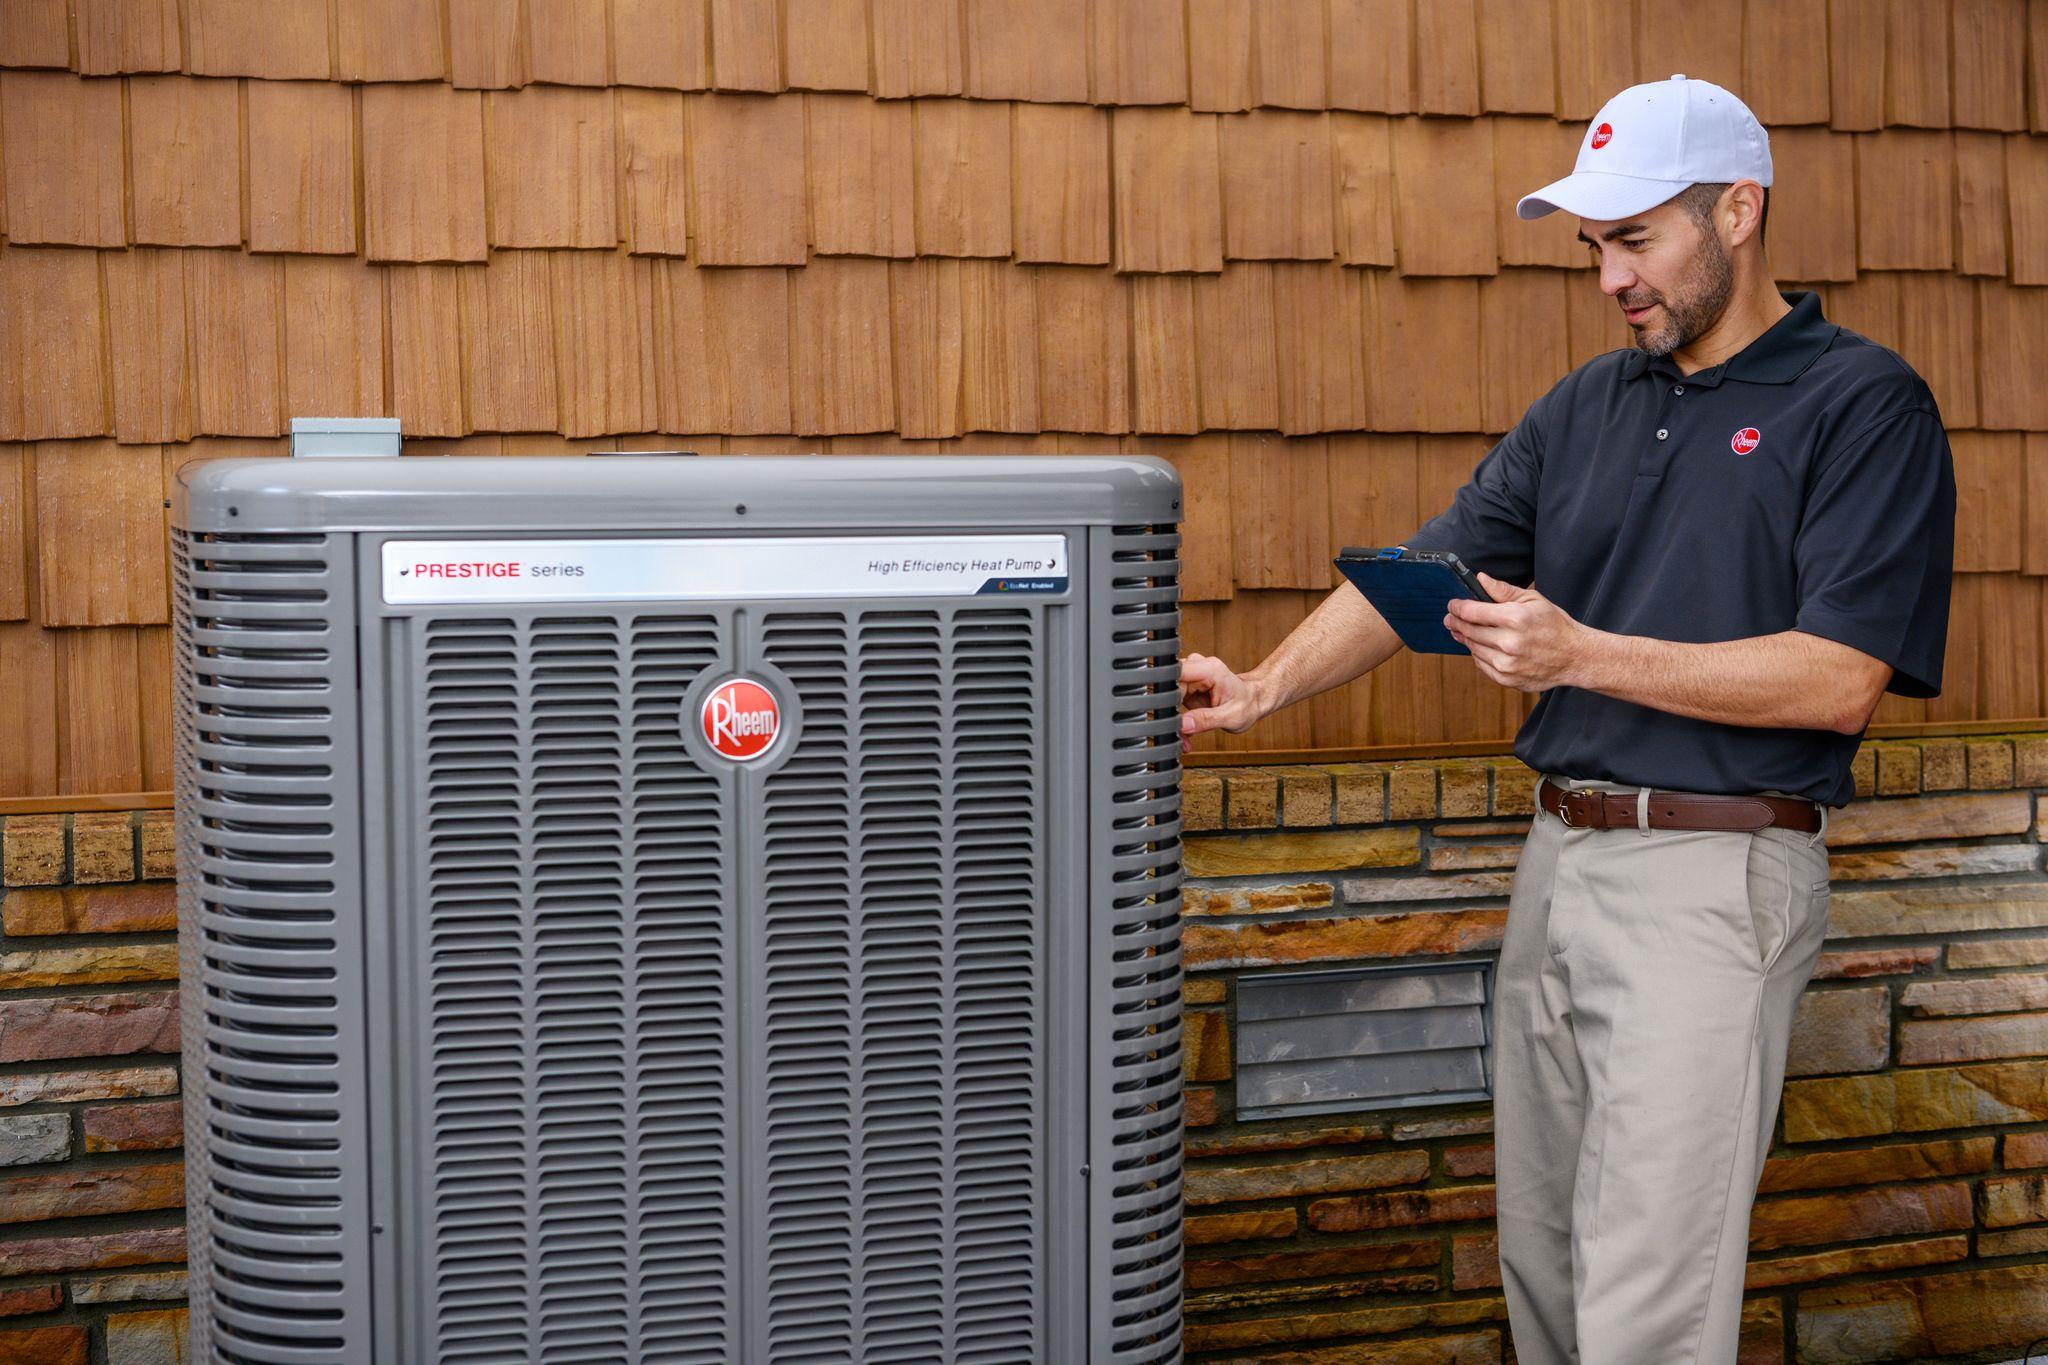 furnace repair expert